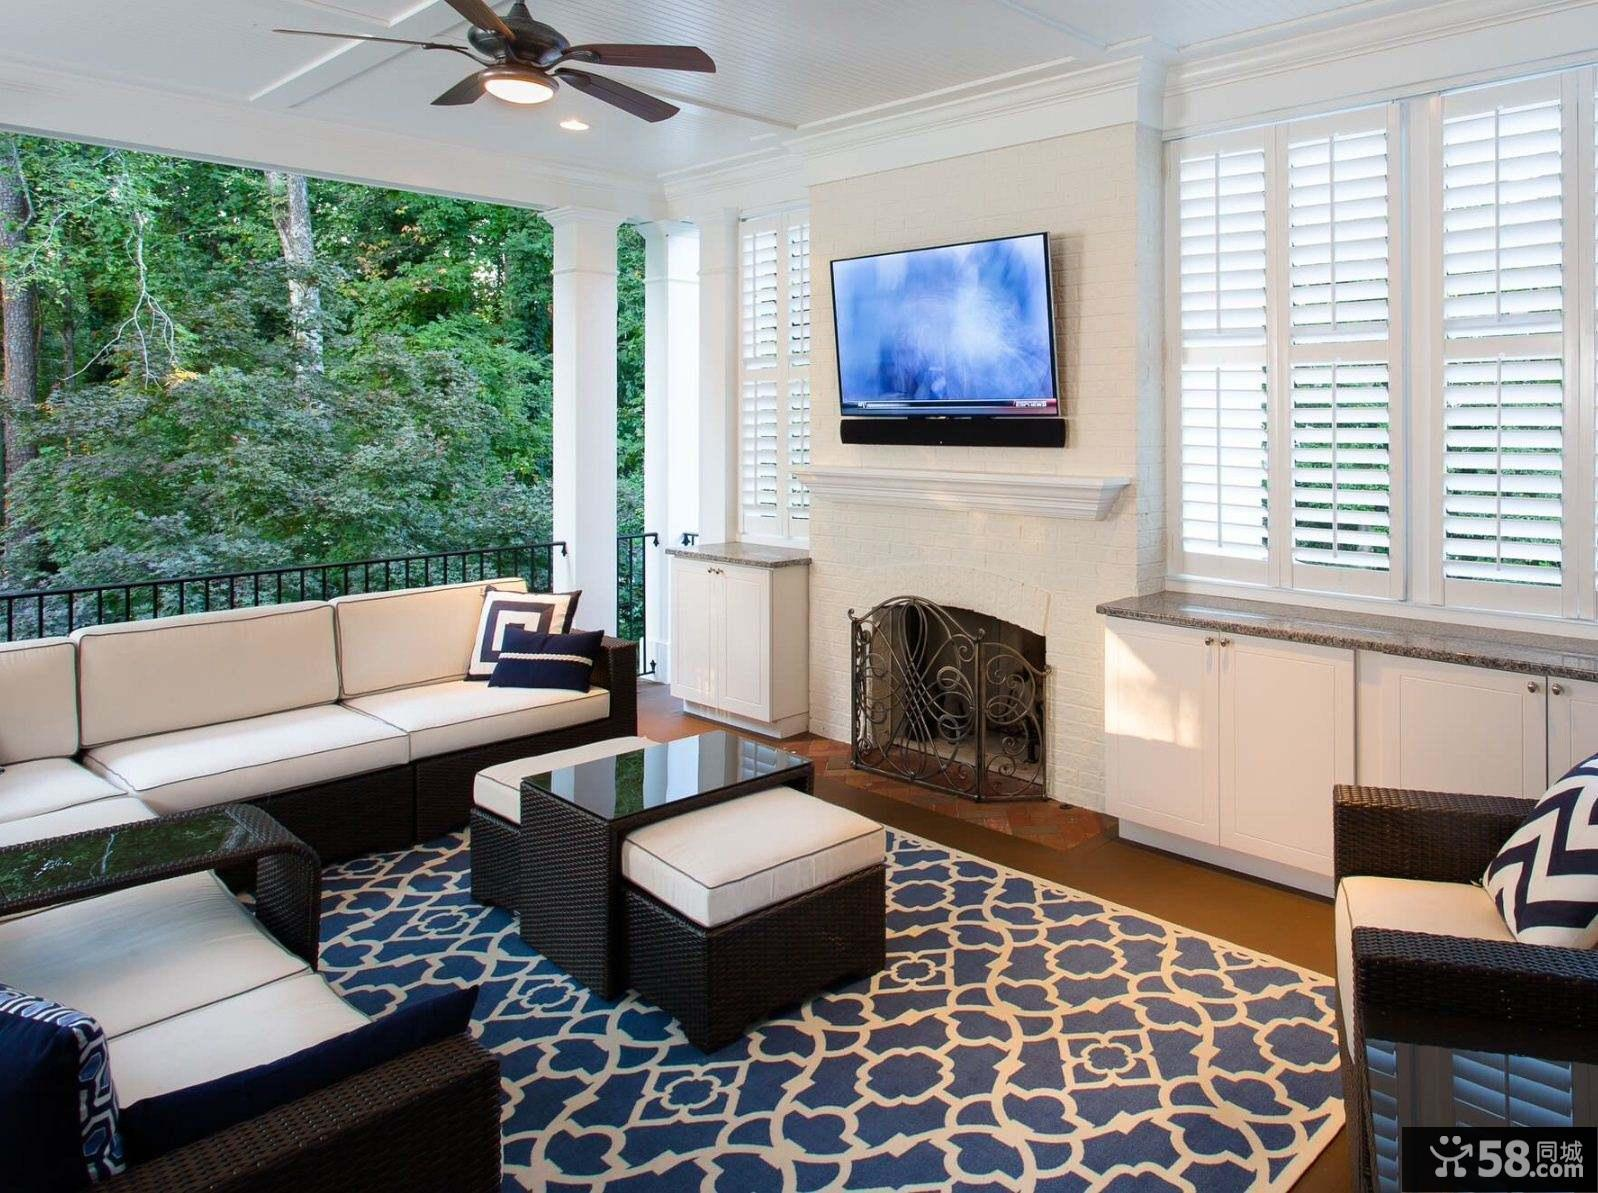 美式风格的家具